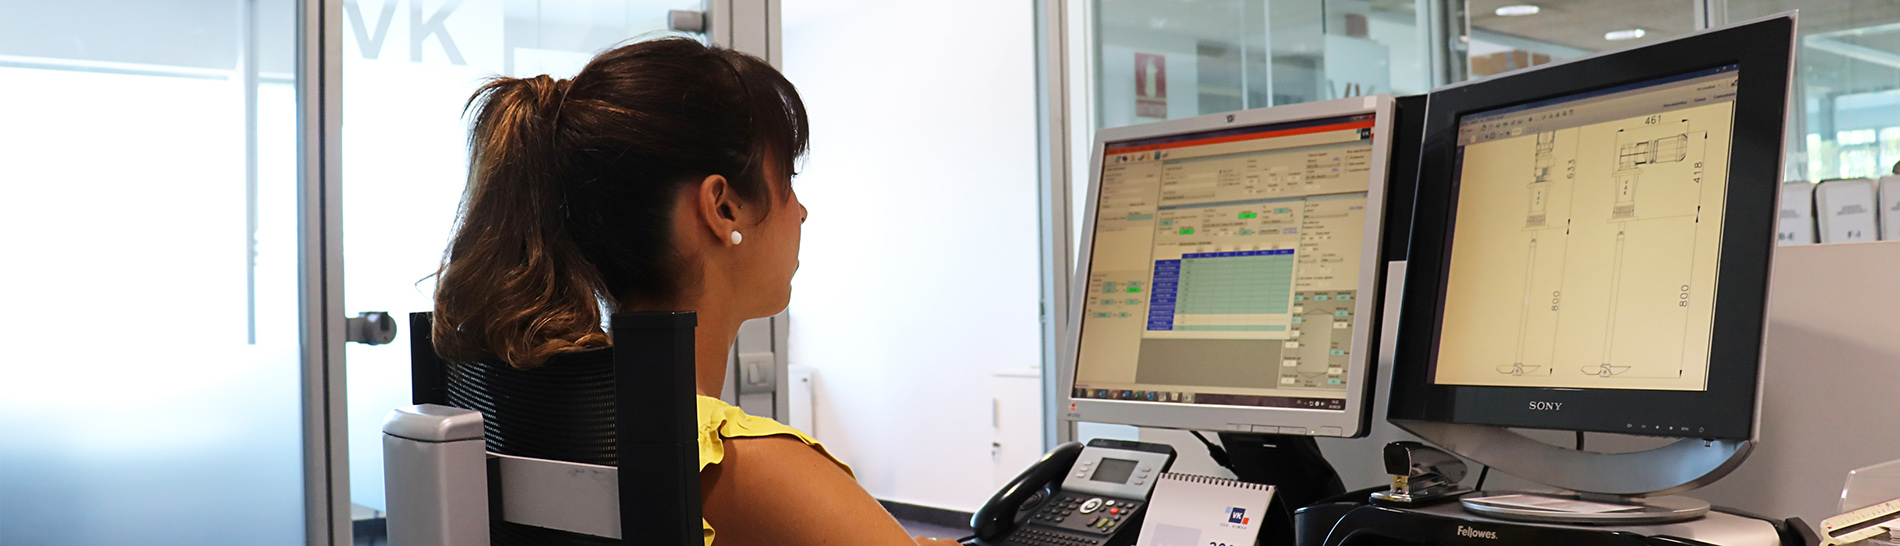 Capacitat humana i tècnica per a proporcionar una solució global als seus processos de mescla